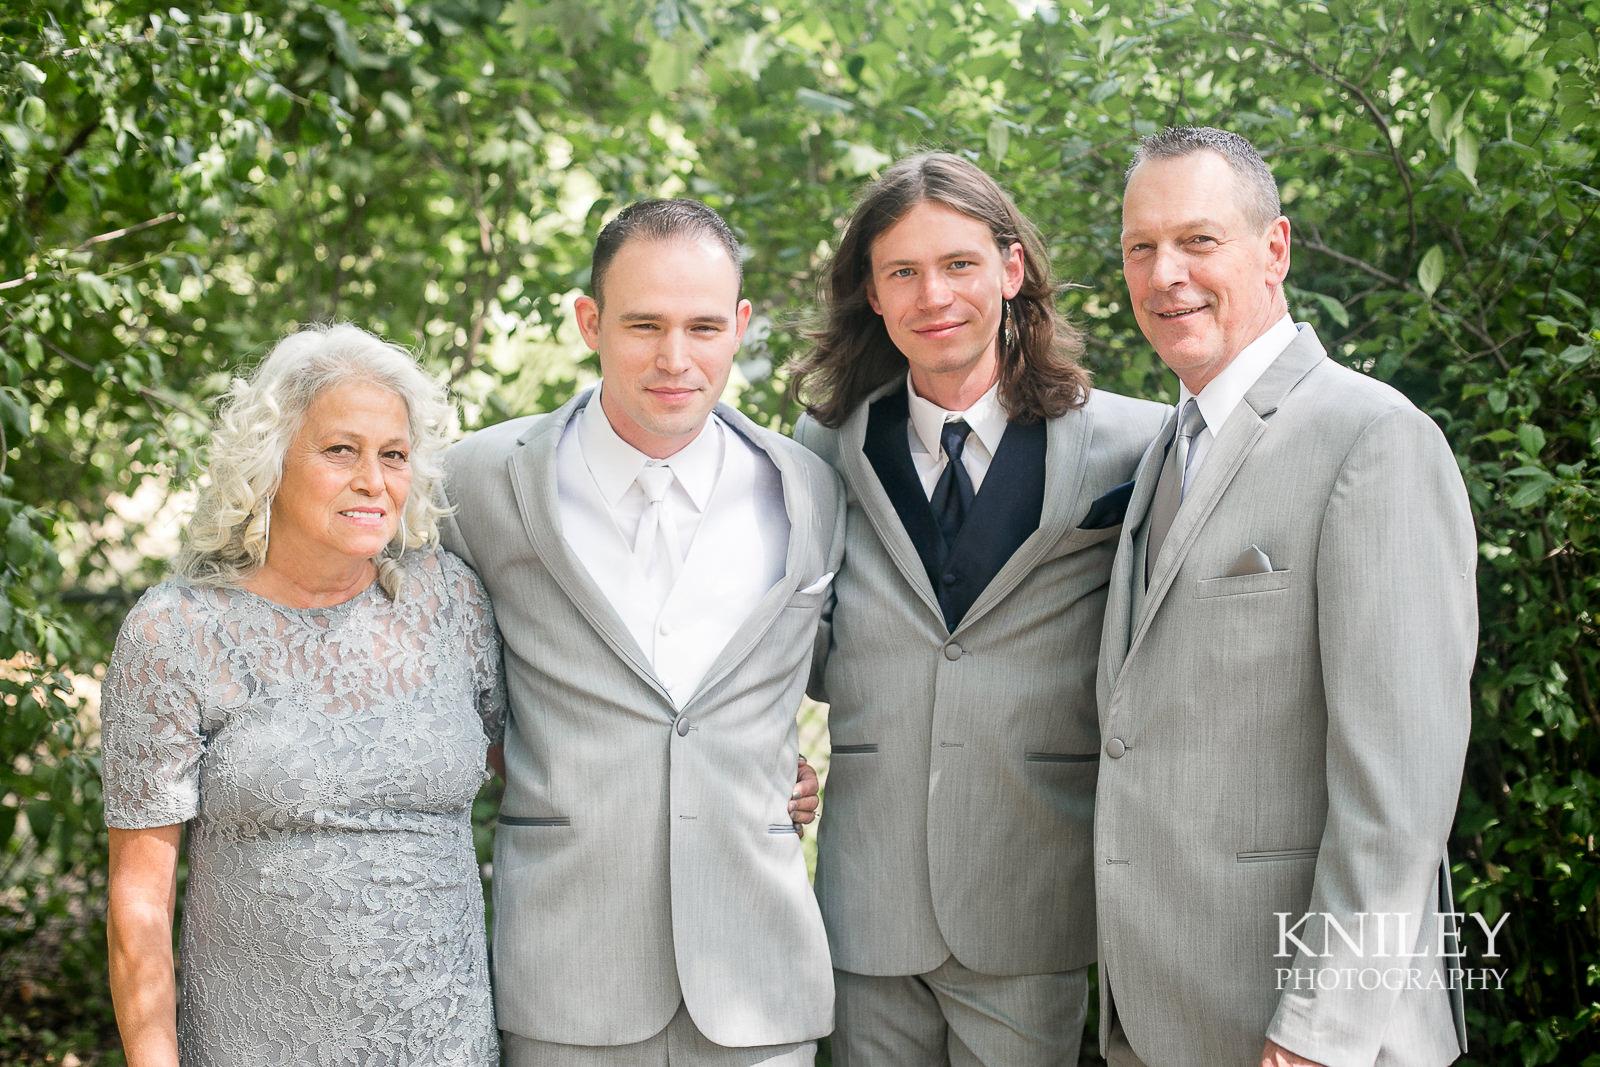 036 - St Josephs Park Wedding Picture - Rochester NY - IMG_2819.jpg